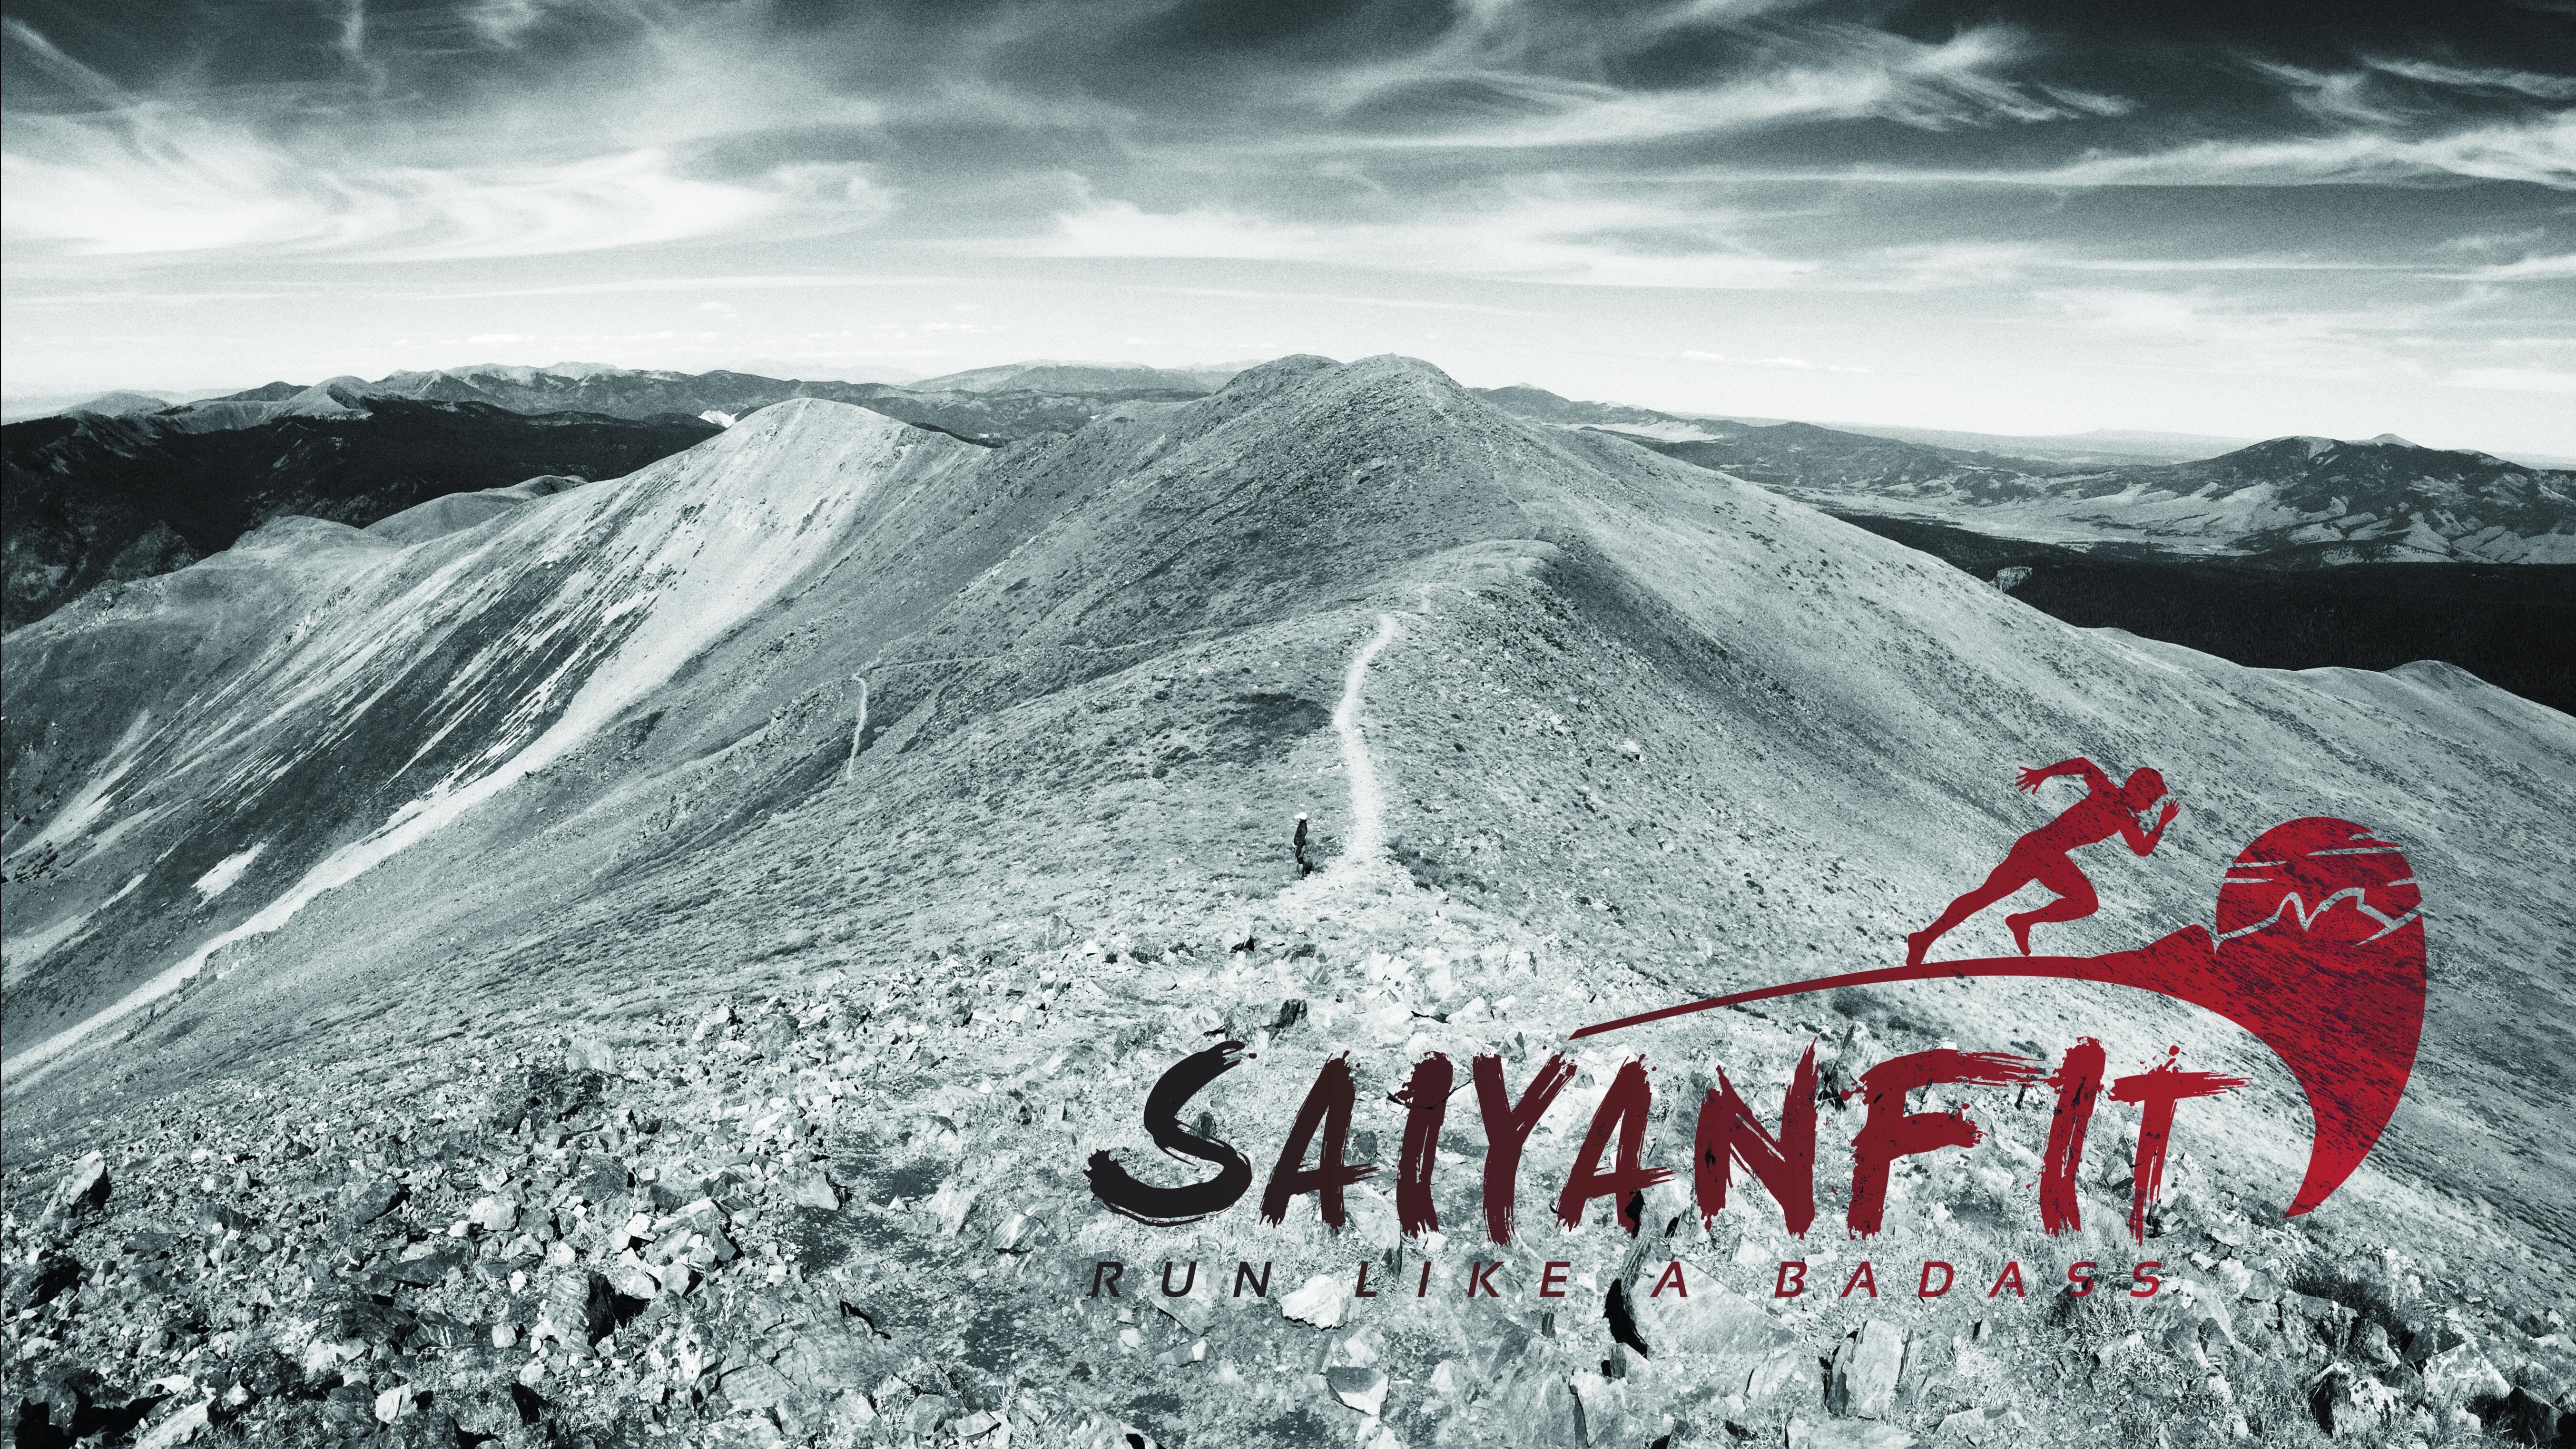 SaiyanFit Blog